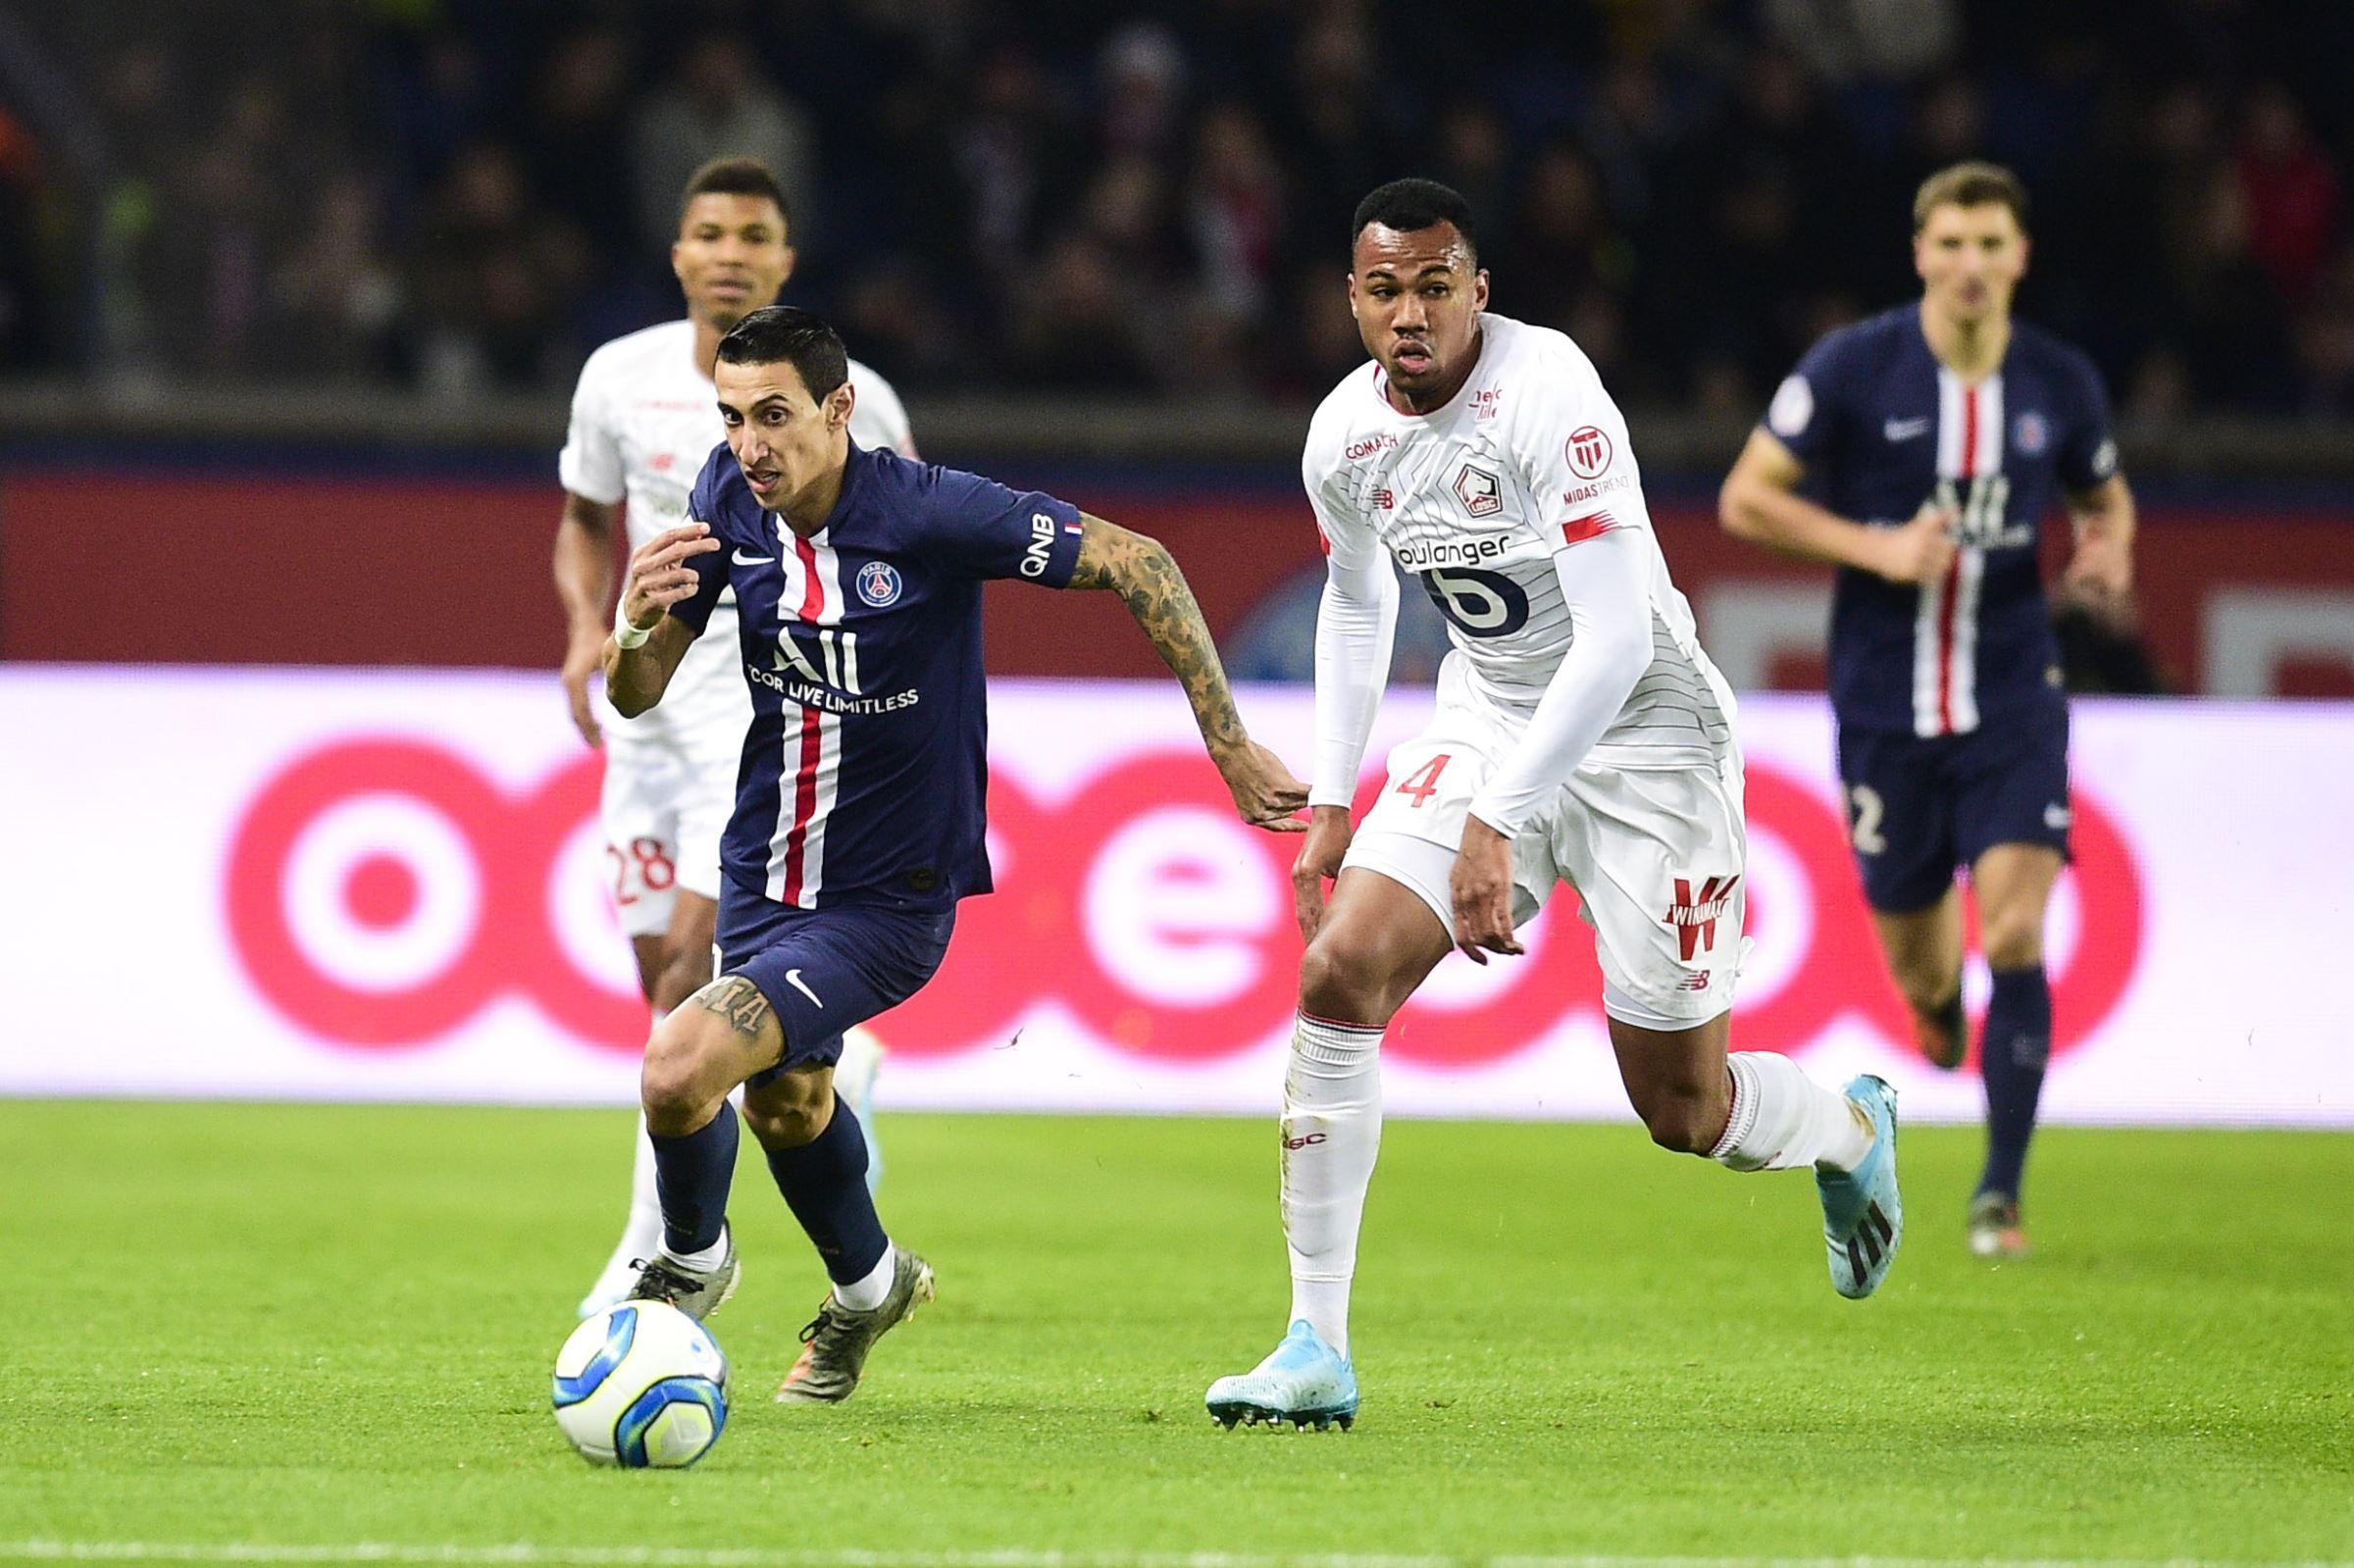 LillePSG sur quelle chaîne voir le match de Ligue 1 à